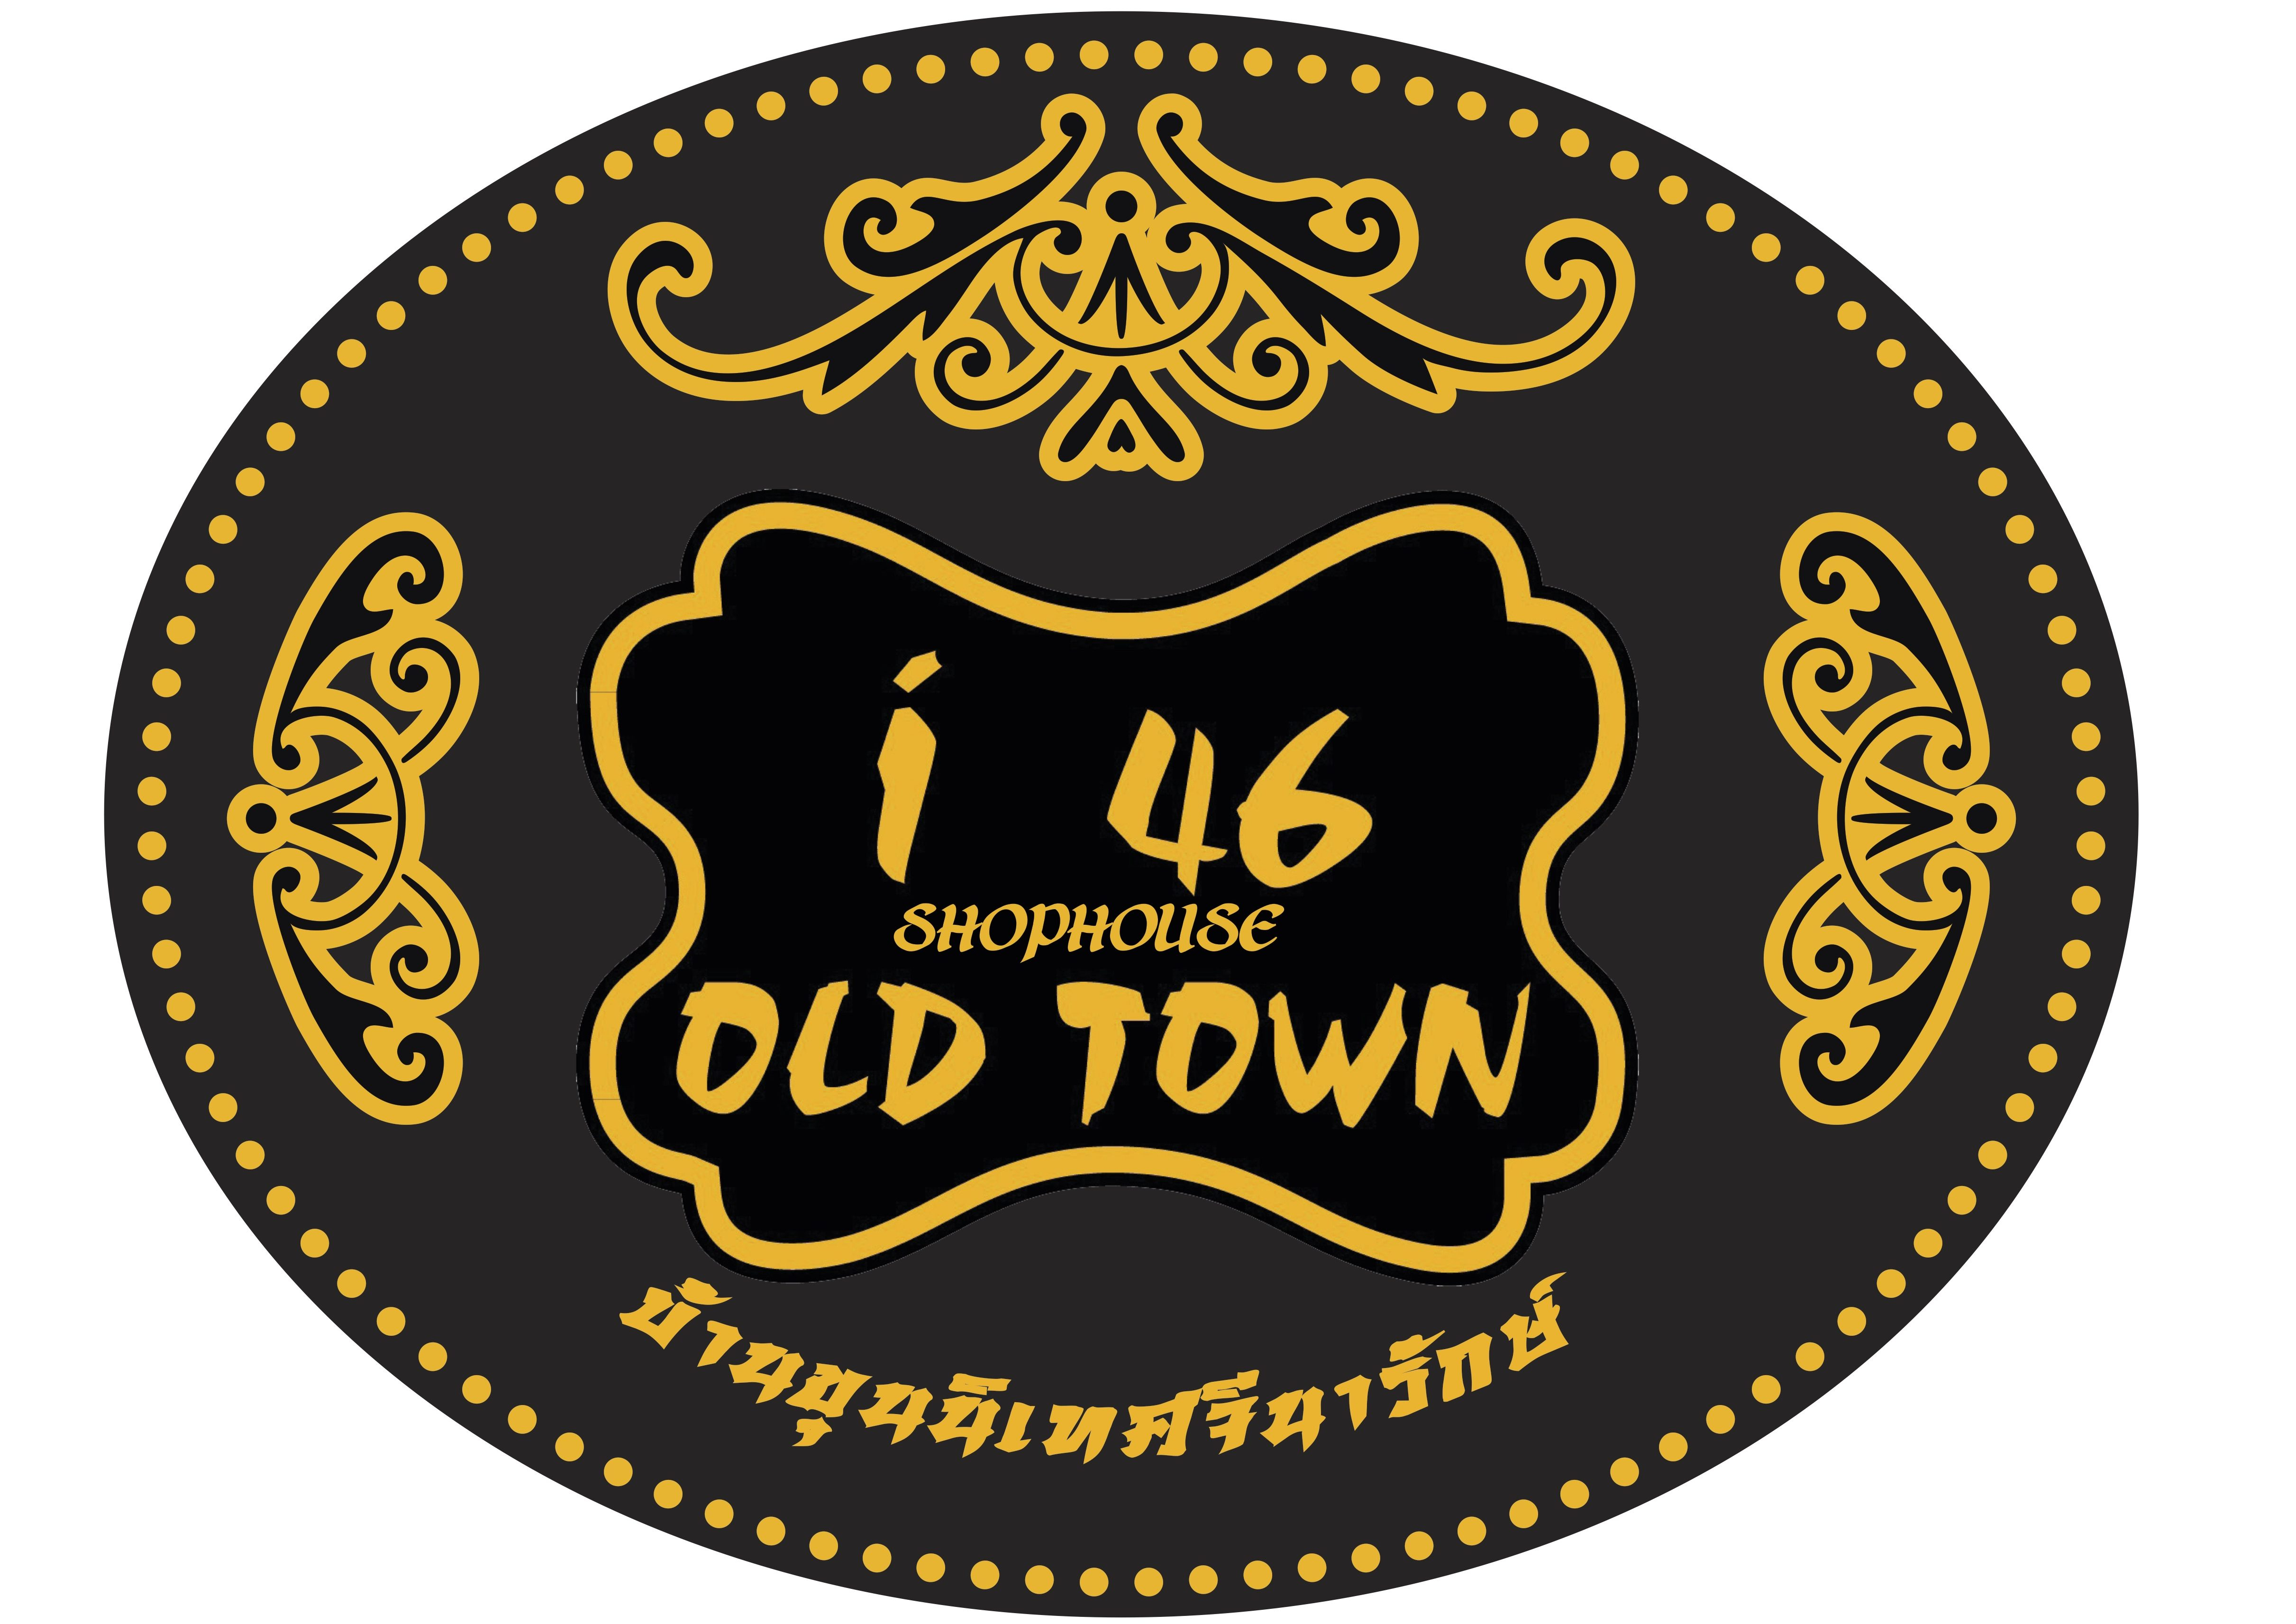 i46 oldtown